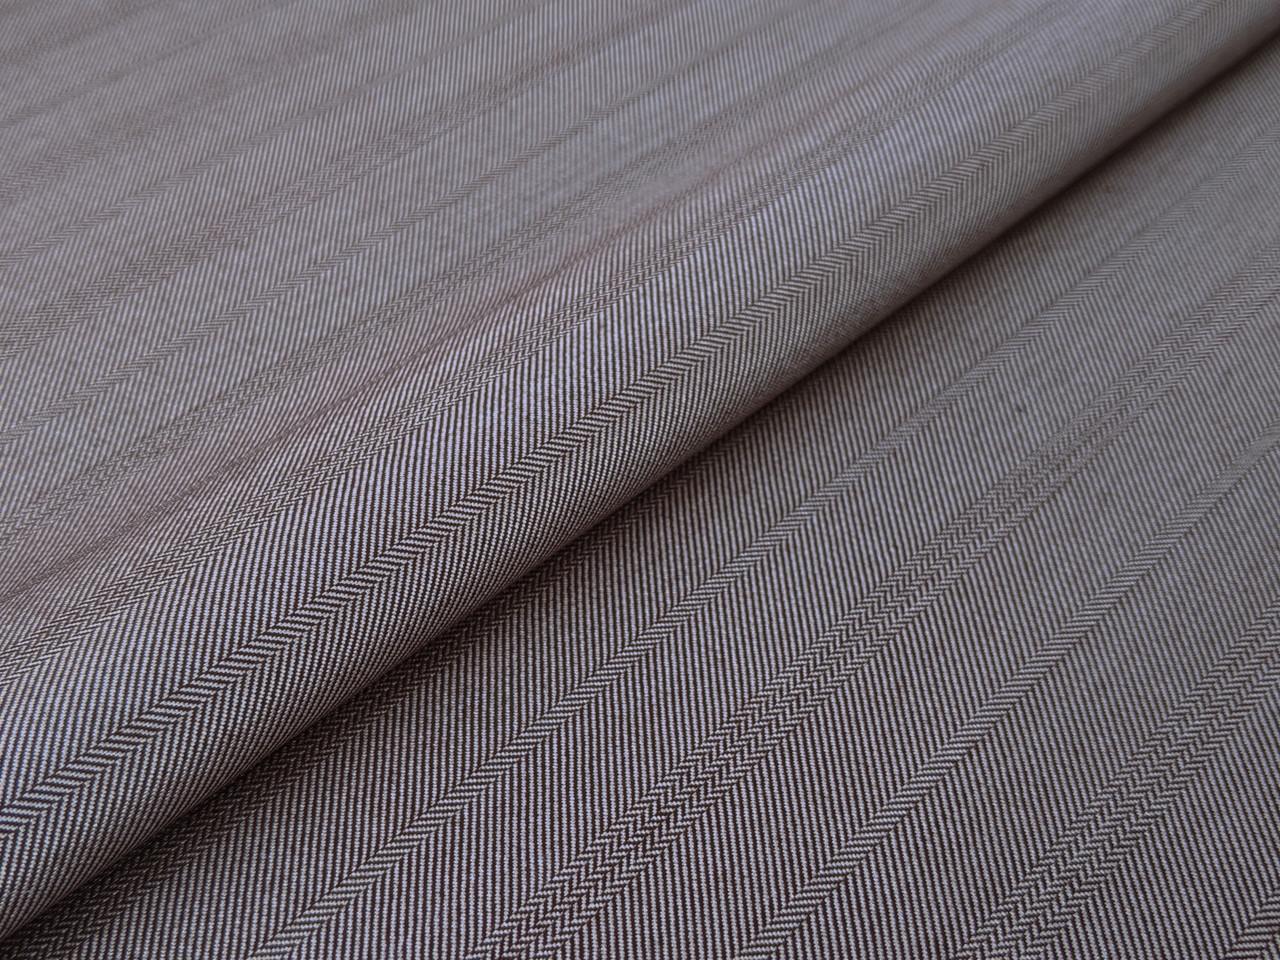 Костюмная Вива полоска елочка 25 мм, коричнево-серый